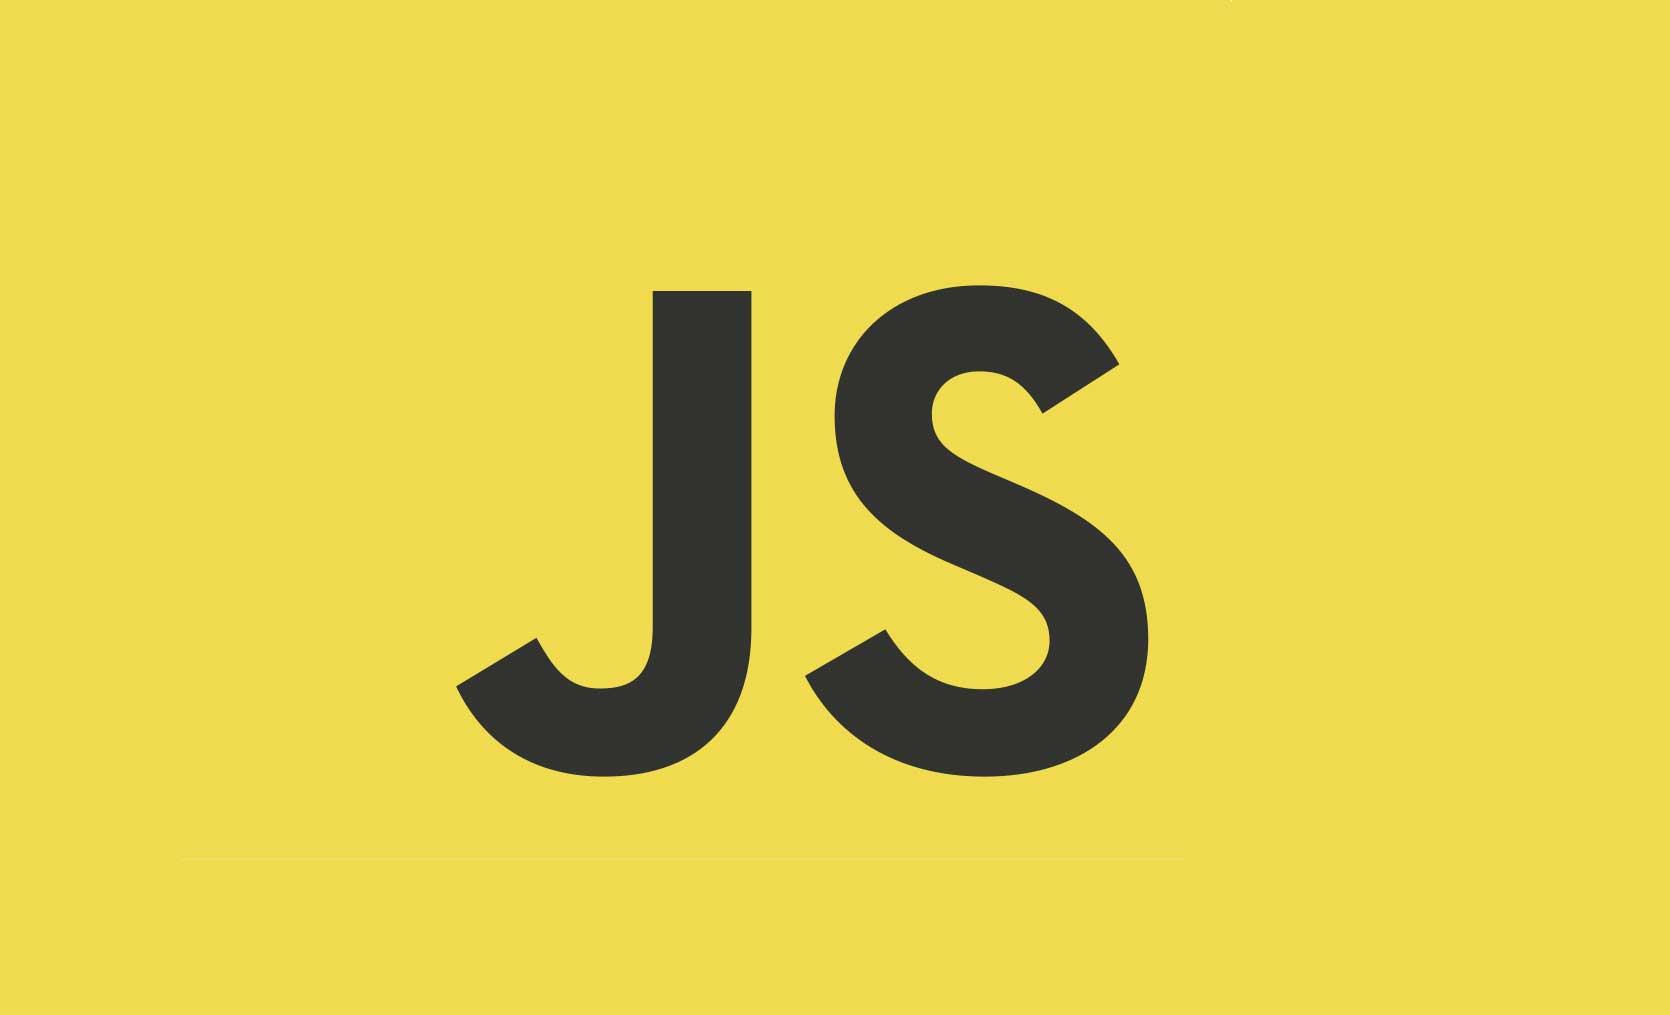 JavaScript: ottenere gli elementi figli di un dato elemento